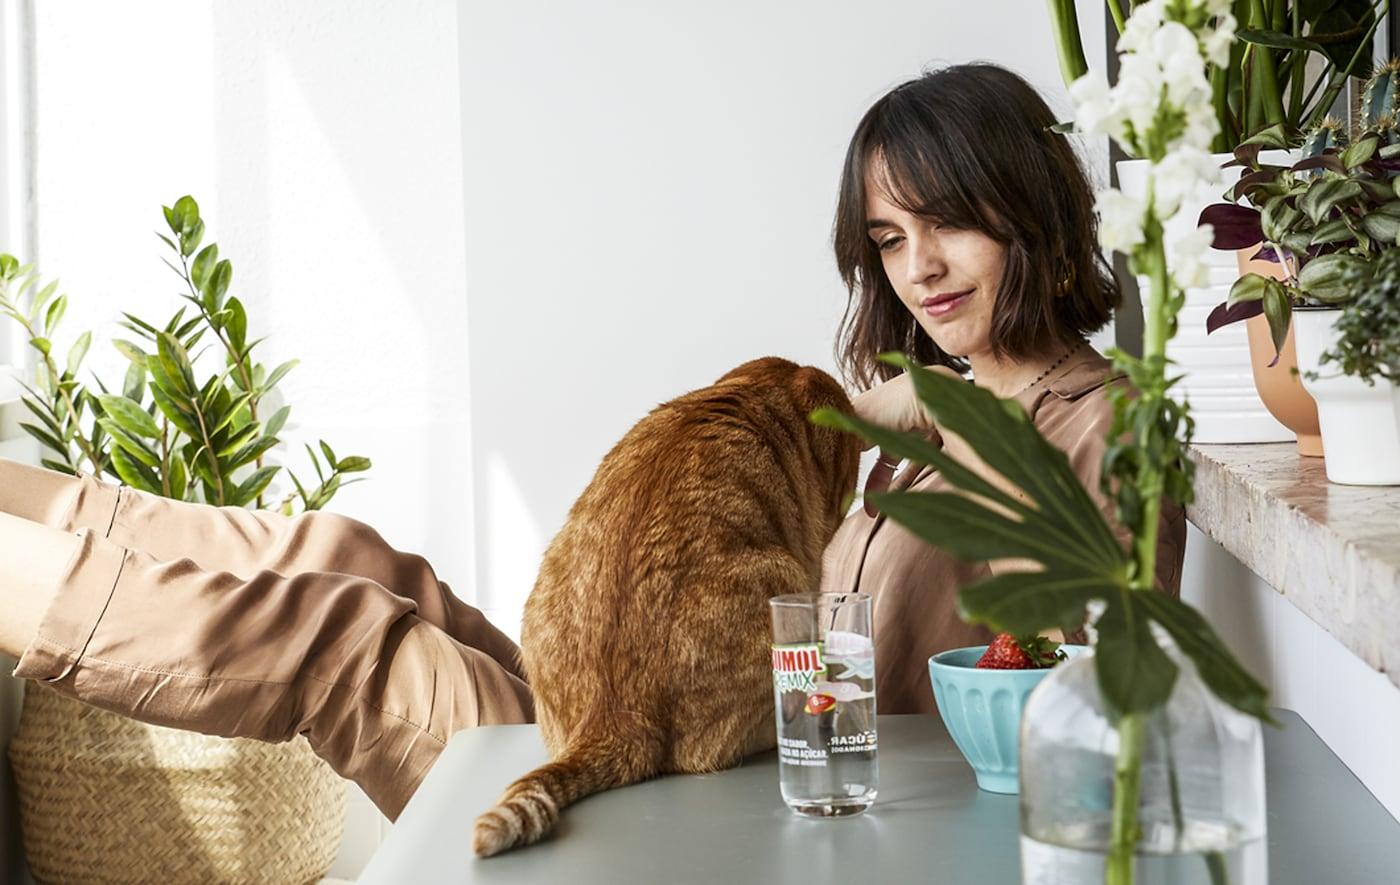 En kvinne og en katt sitter ved et bord på en hvit balkong med mange potteplanter.